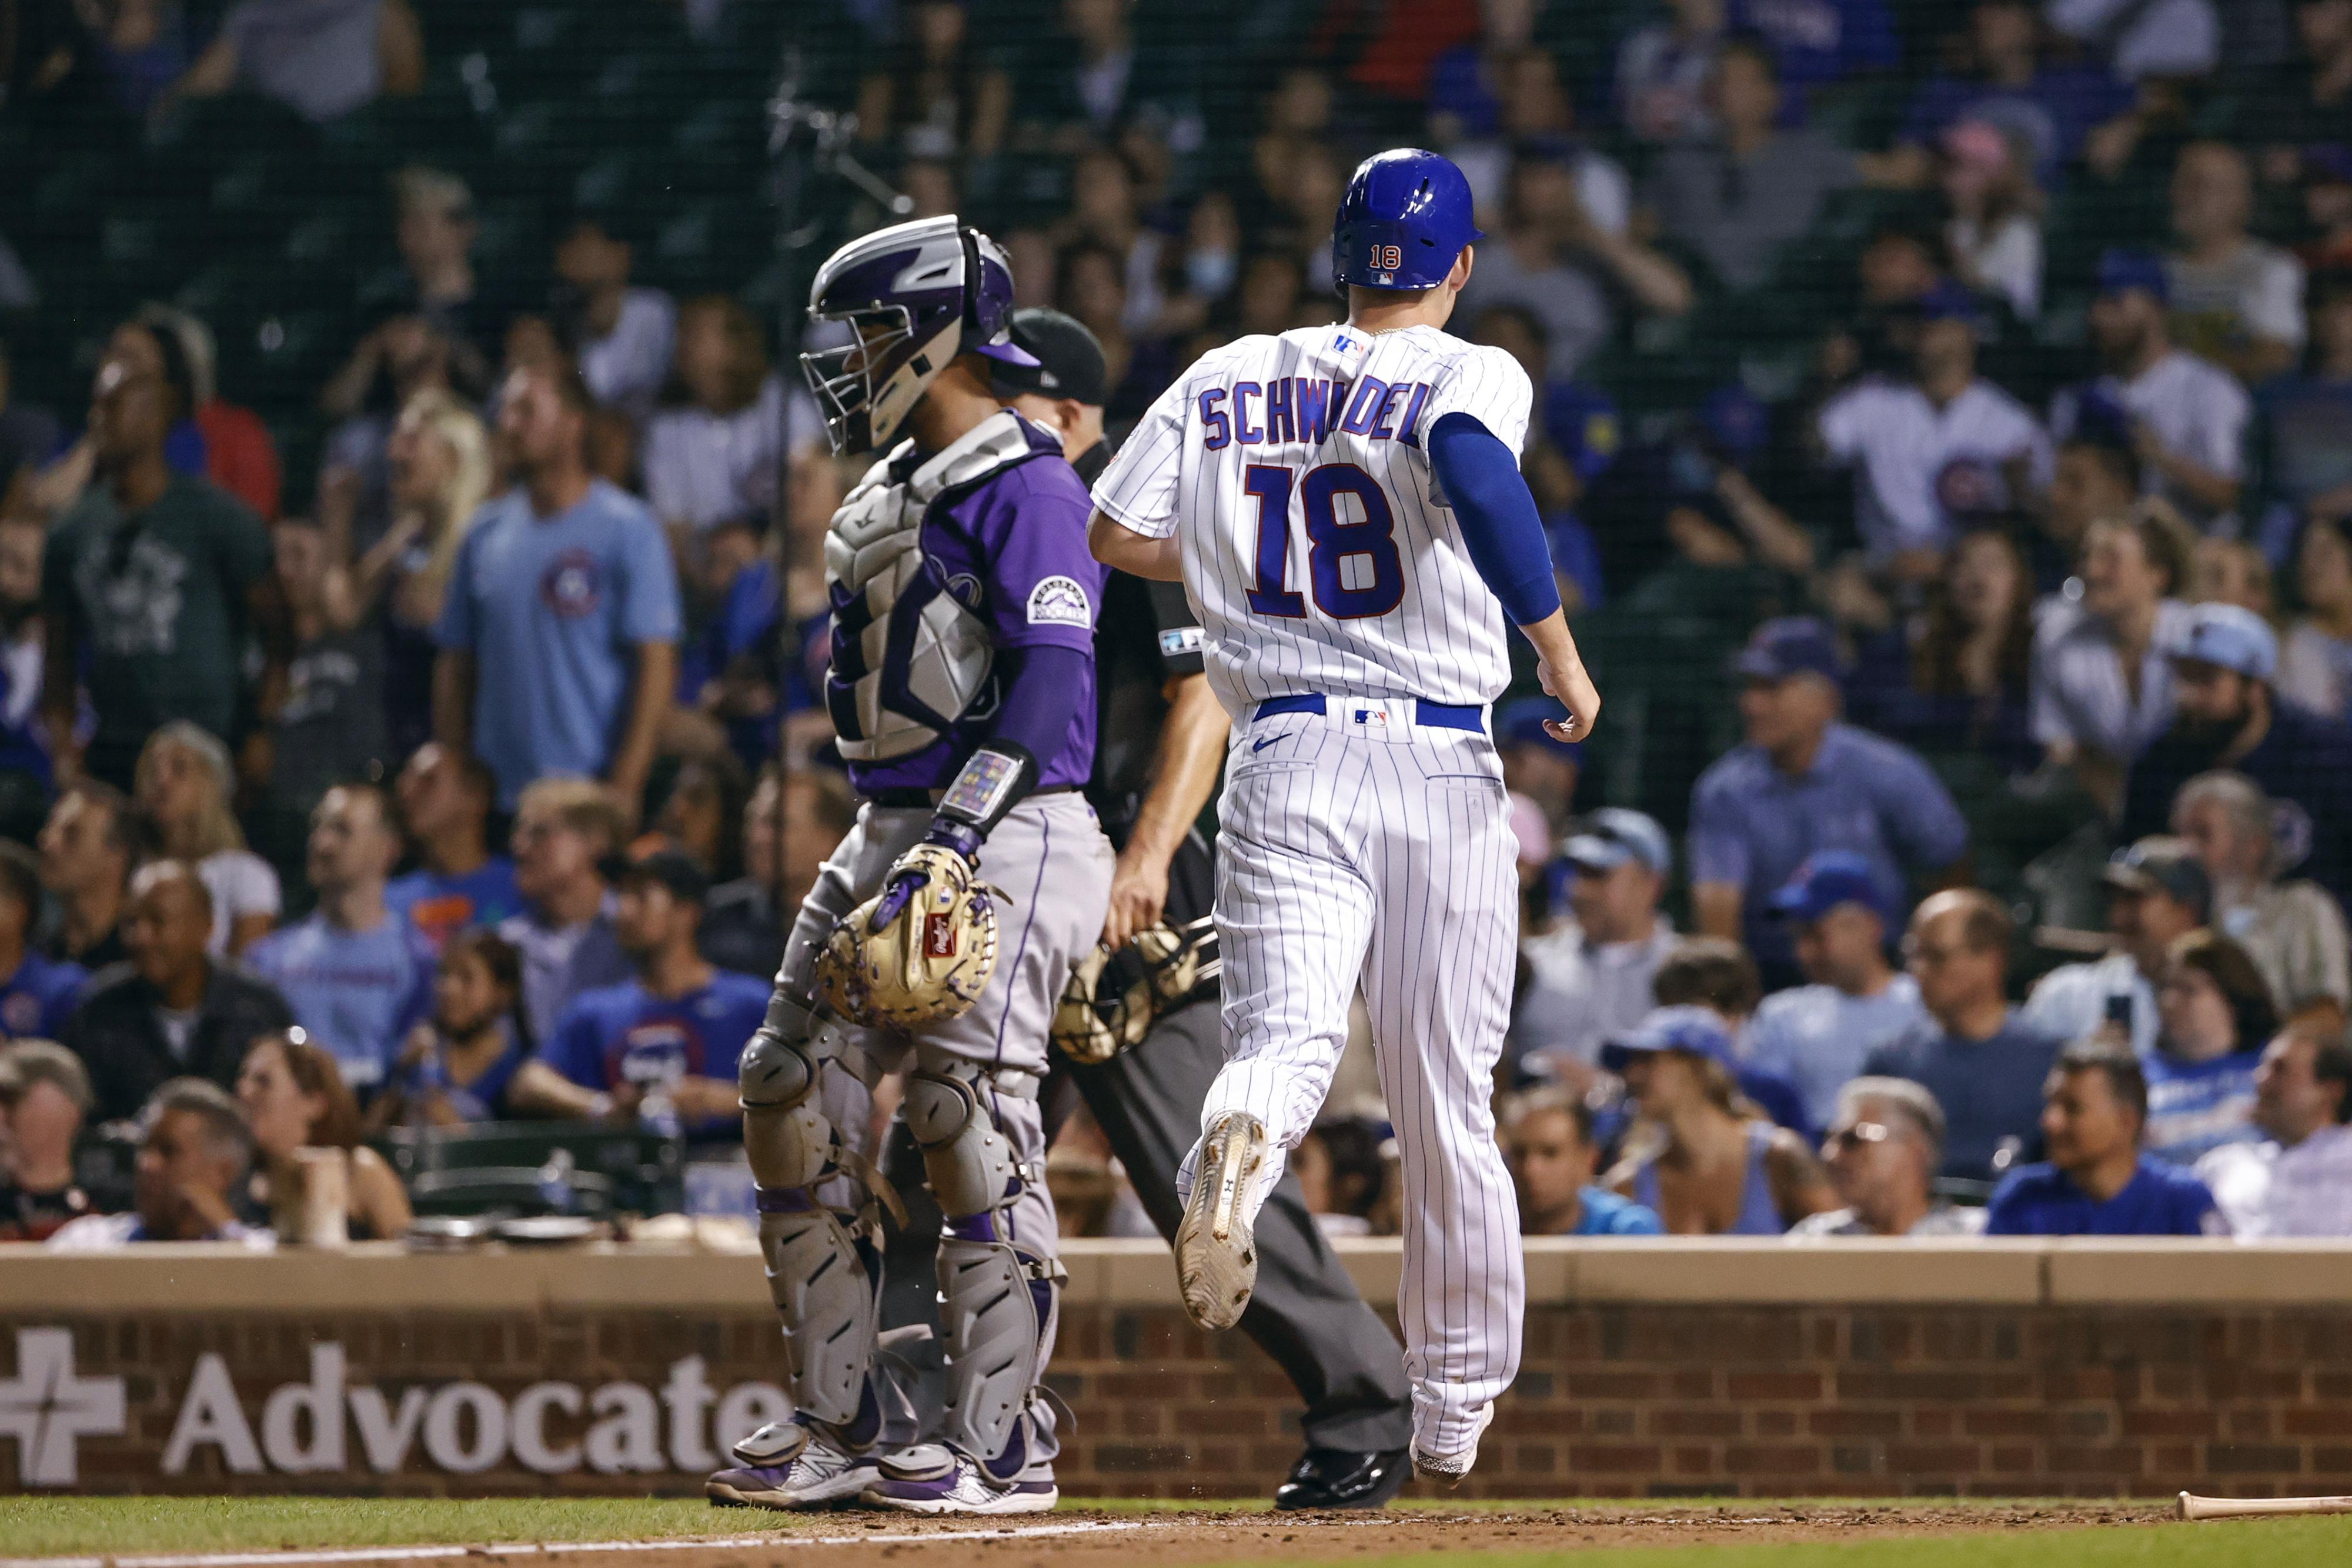 MLB: Colorado Rockies at Chicago Cubs